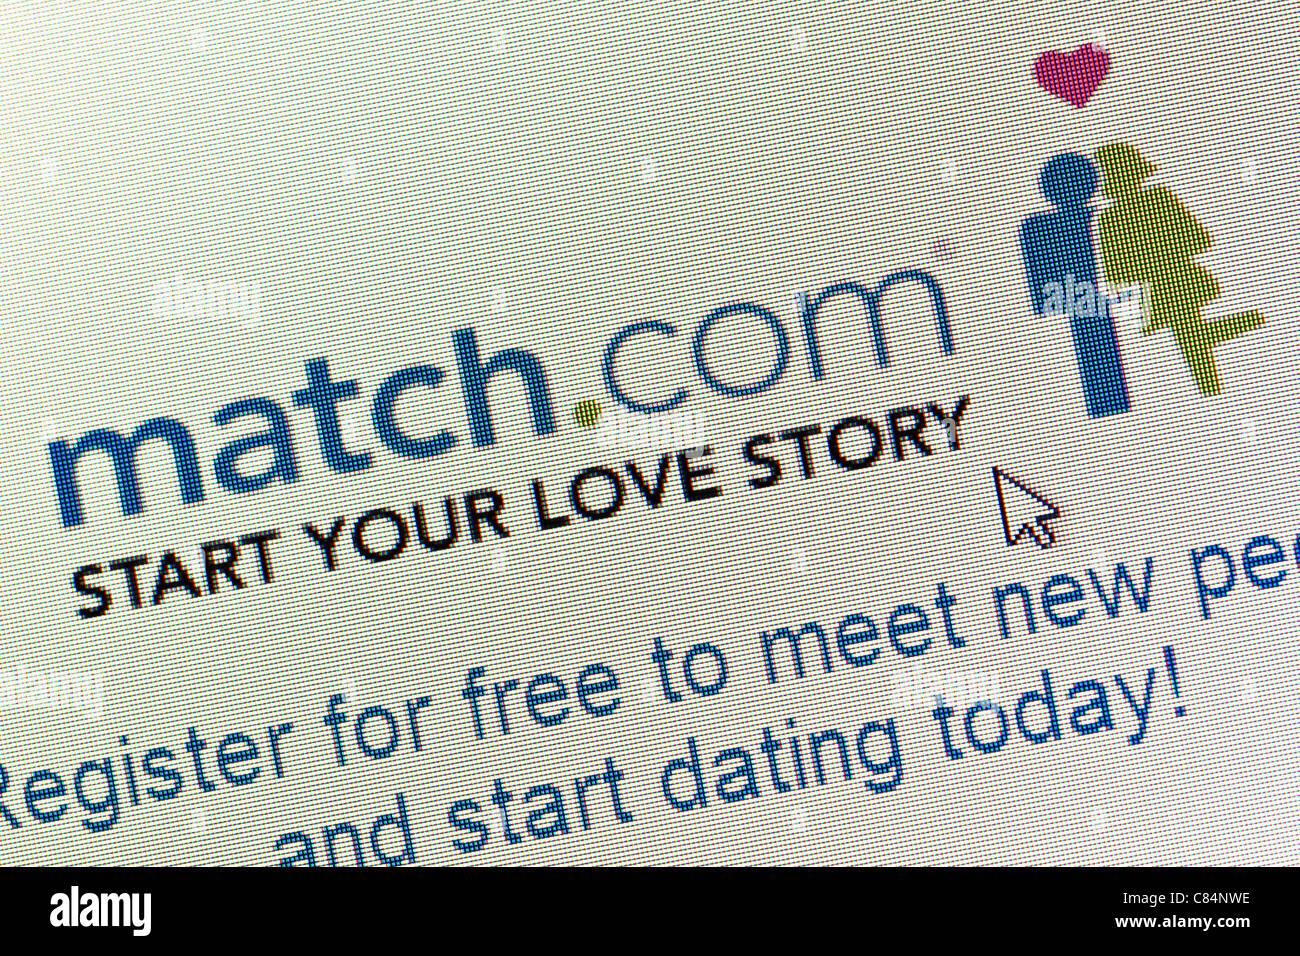 Match.com logo and website close up - Stock Image